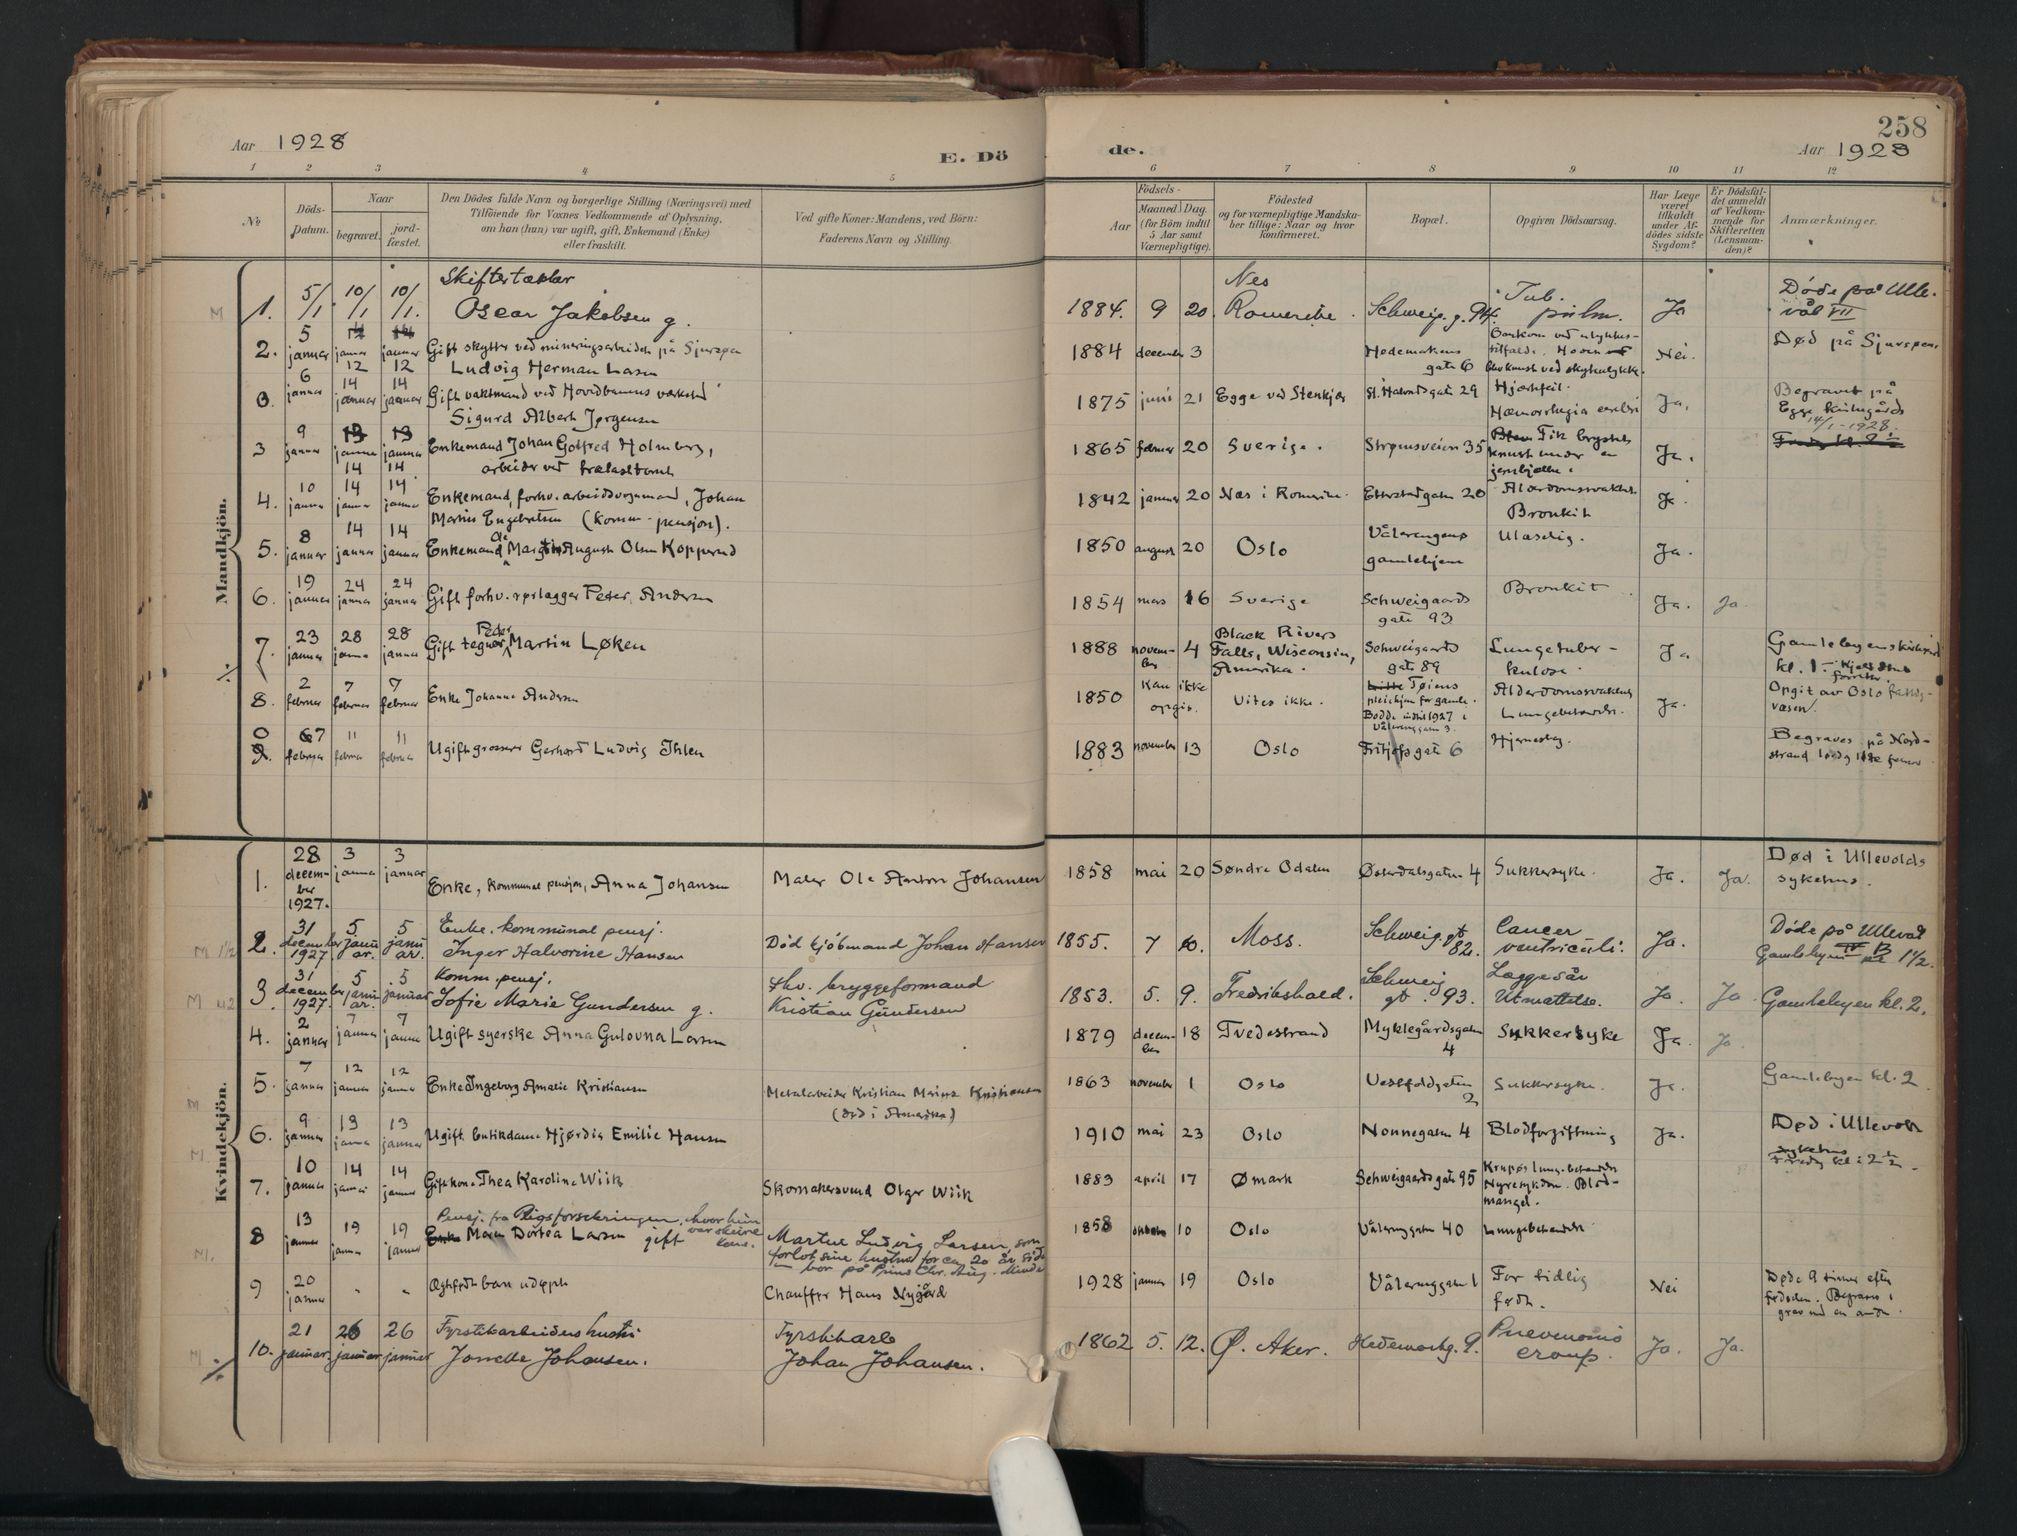 SAO, Vålerengen prestekontor Kirkebøker, F/Fa/L0003: Ministerialbok nr. 3, 1899-1930, s. 258